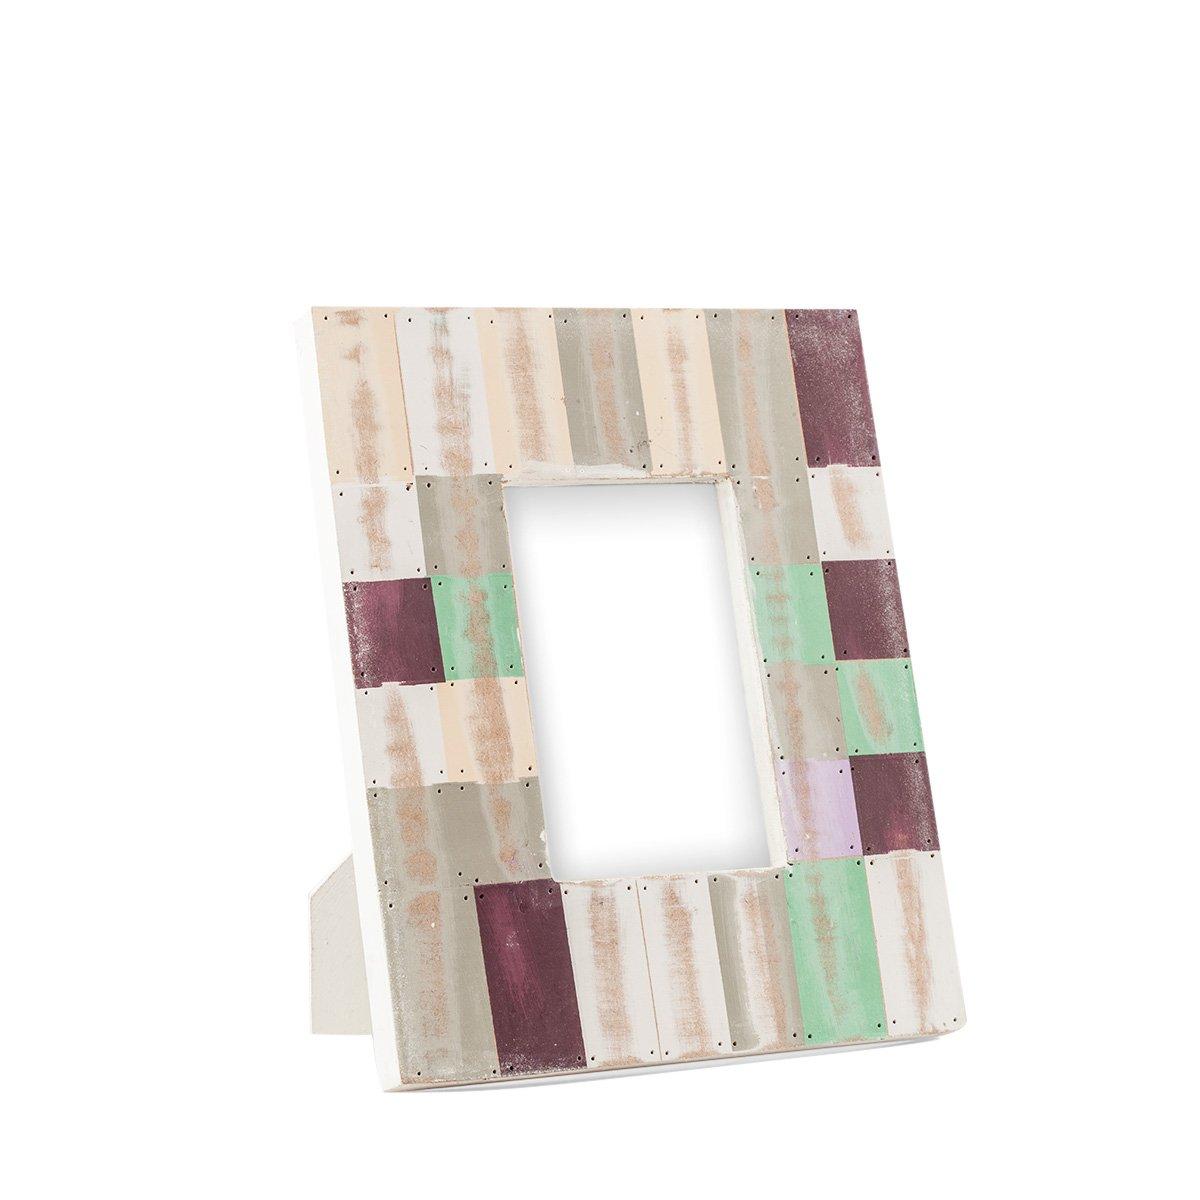 Portaretrato de madera decorado mosaico de color 6 sears - Mosaico de madera ...